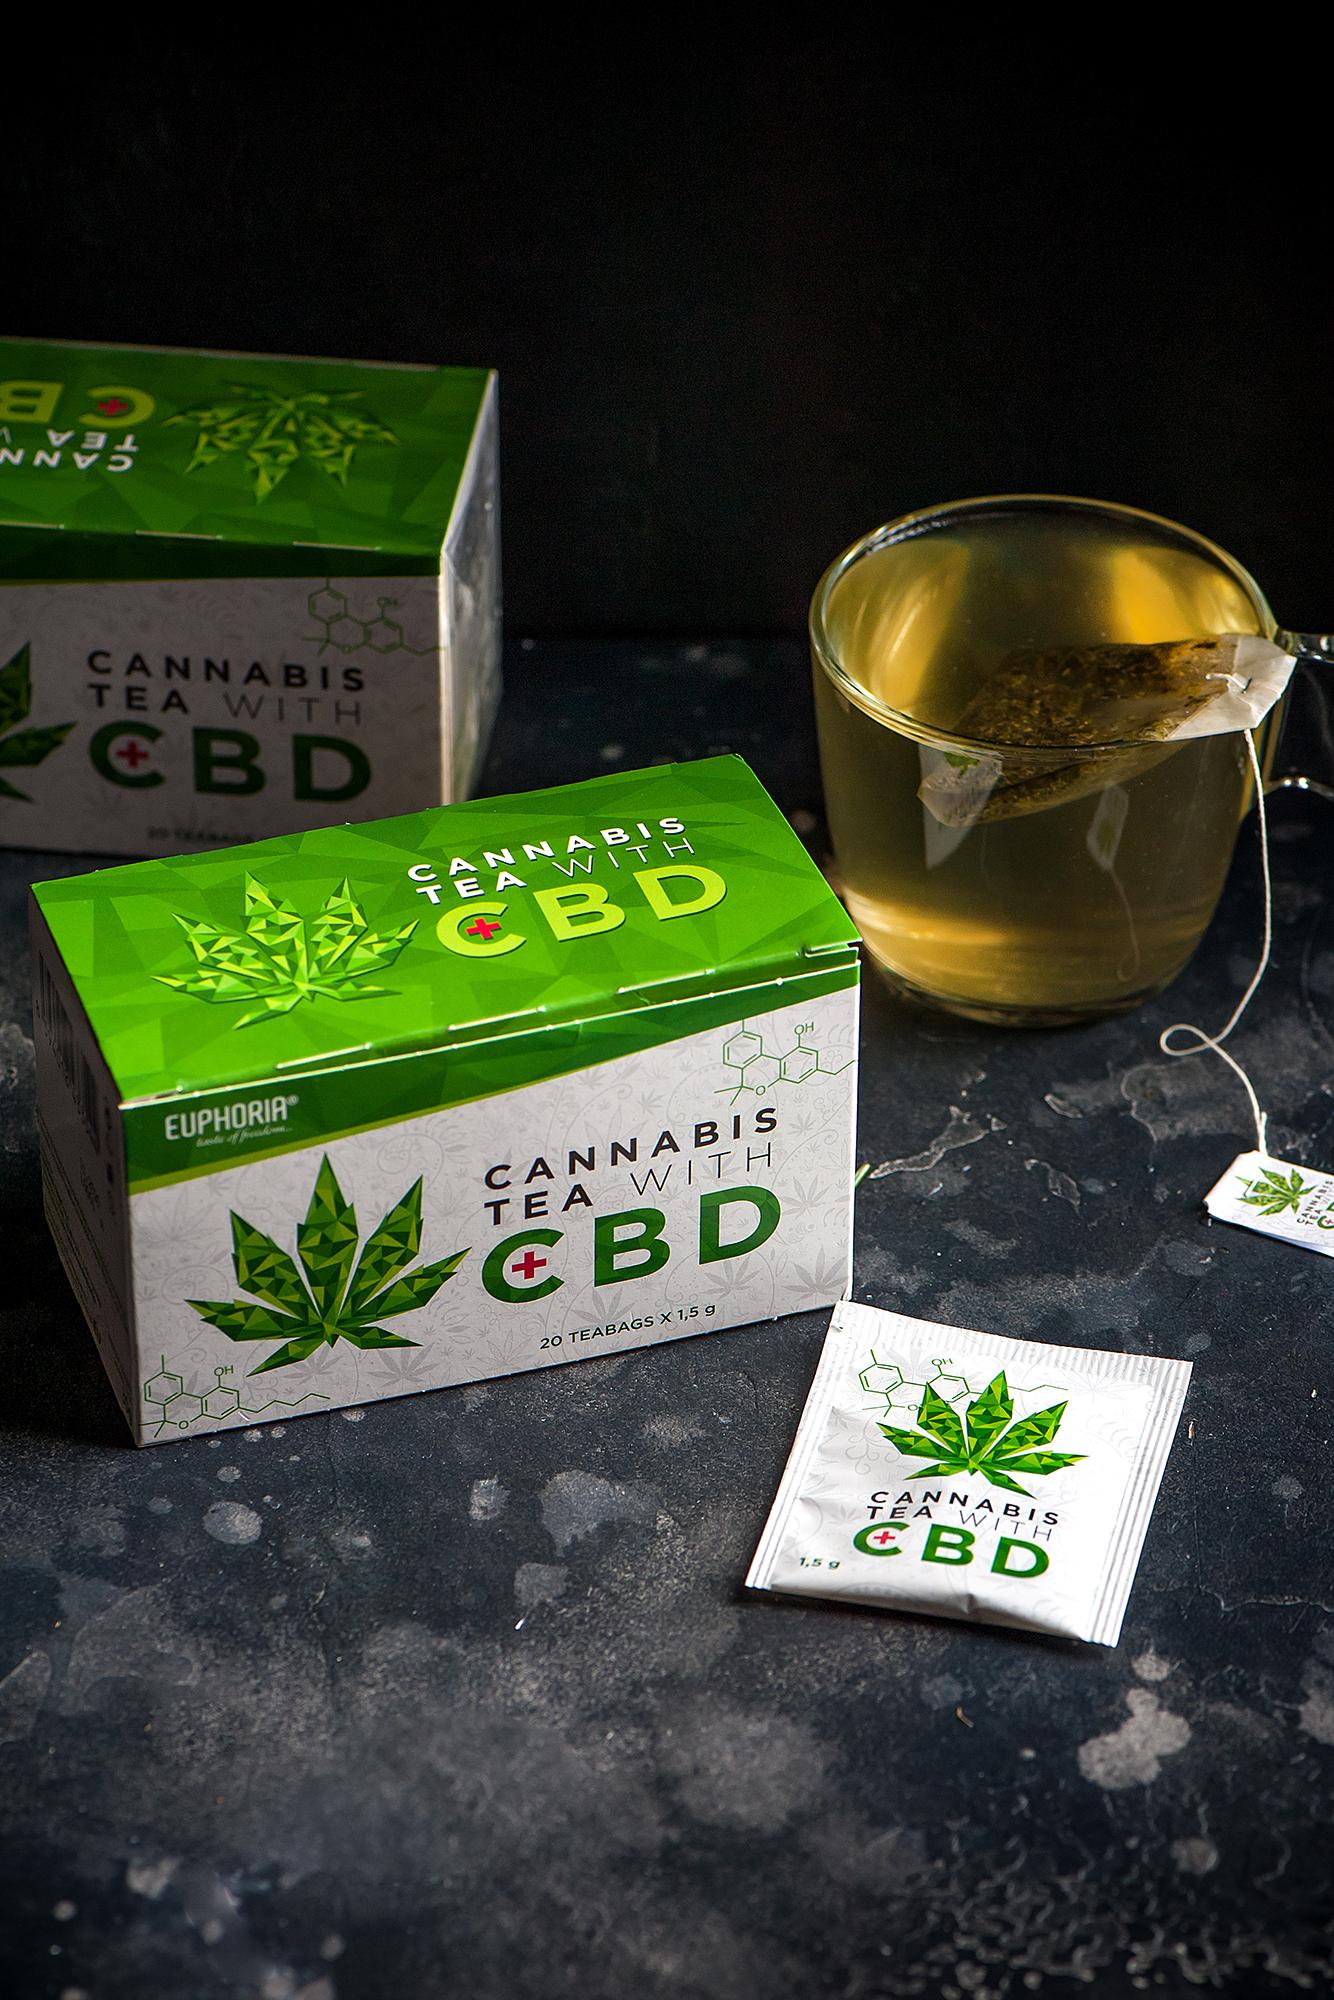 Cannabis Tea with CBD | EUPHORIA - Cannabis Food & Drinks